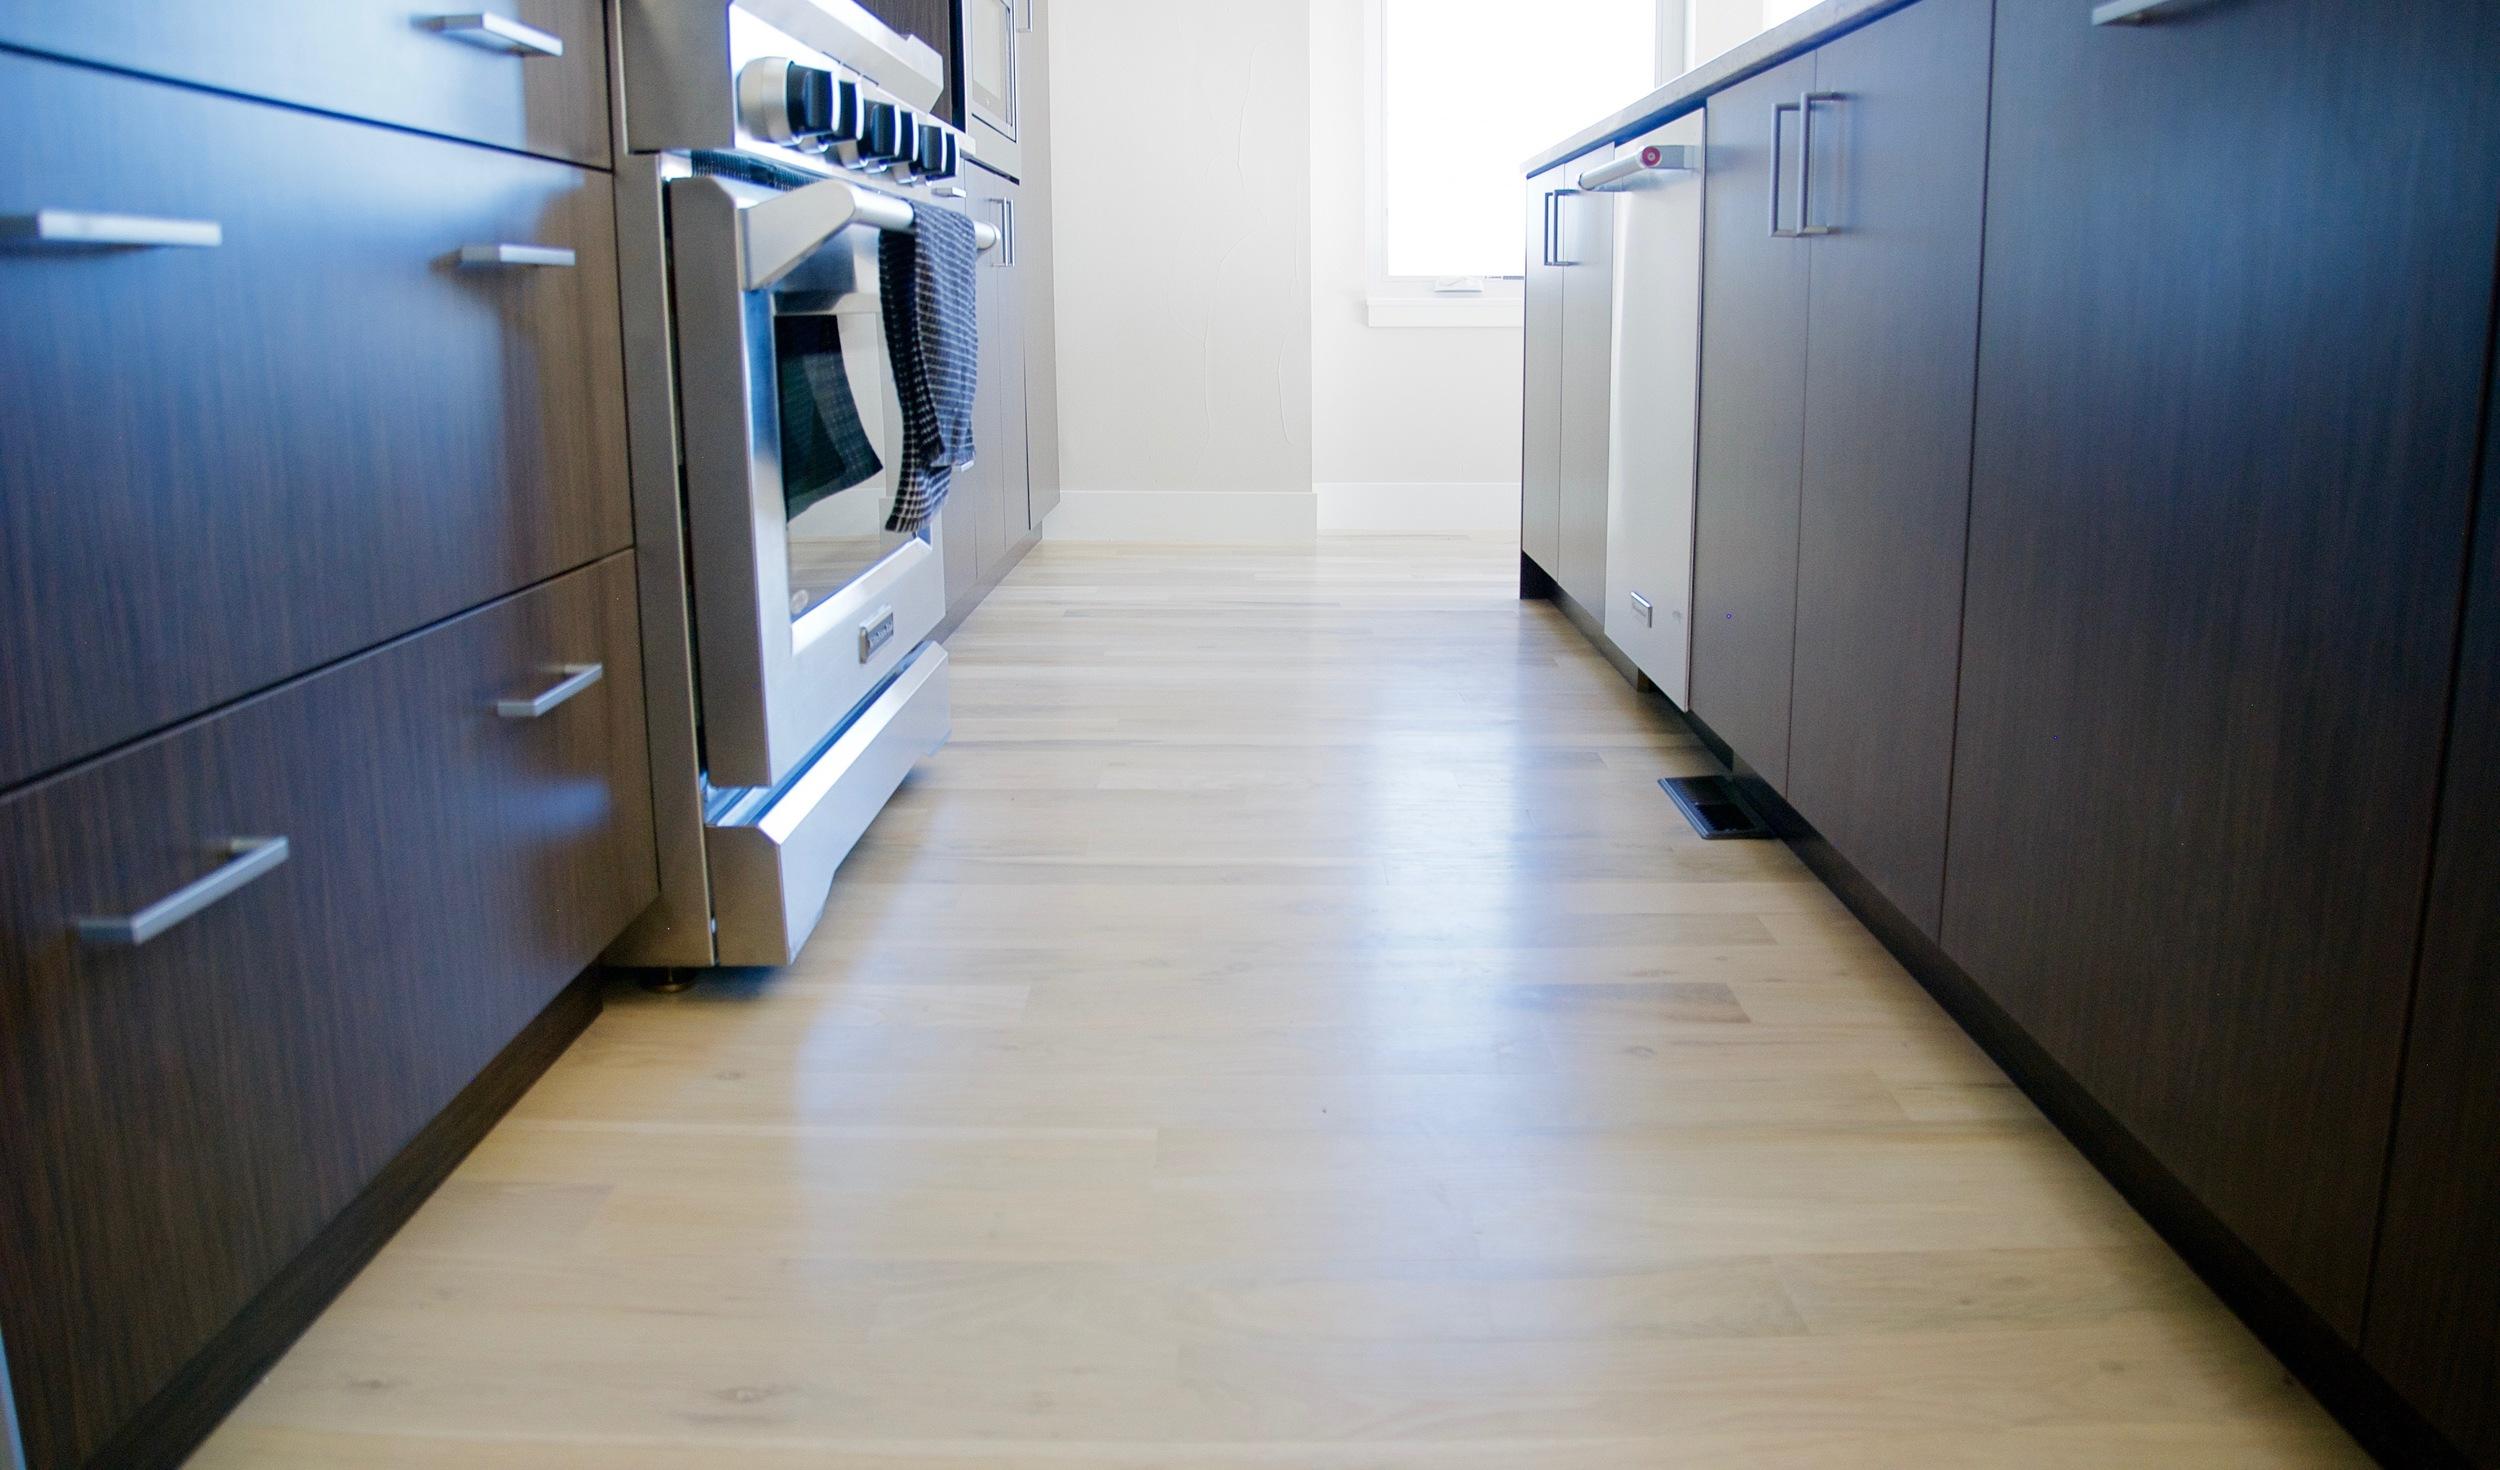 Tenth image of Residential Hardwood Flooring for Tejon Denver by ASA Flooring